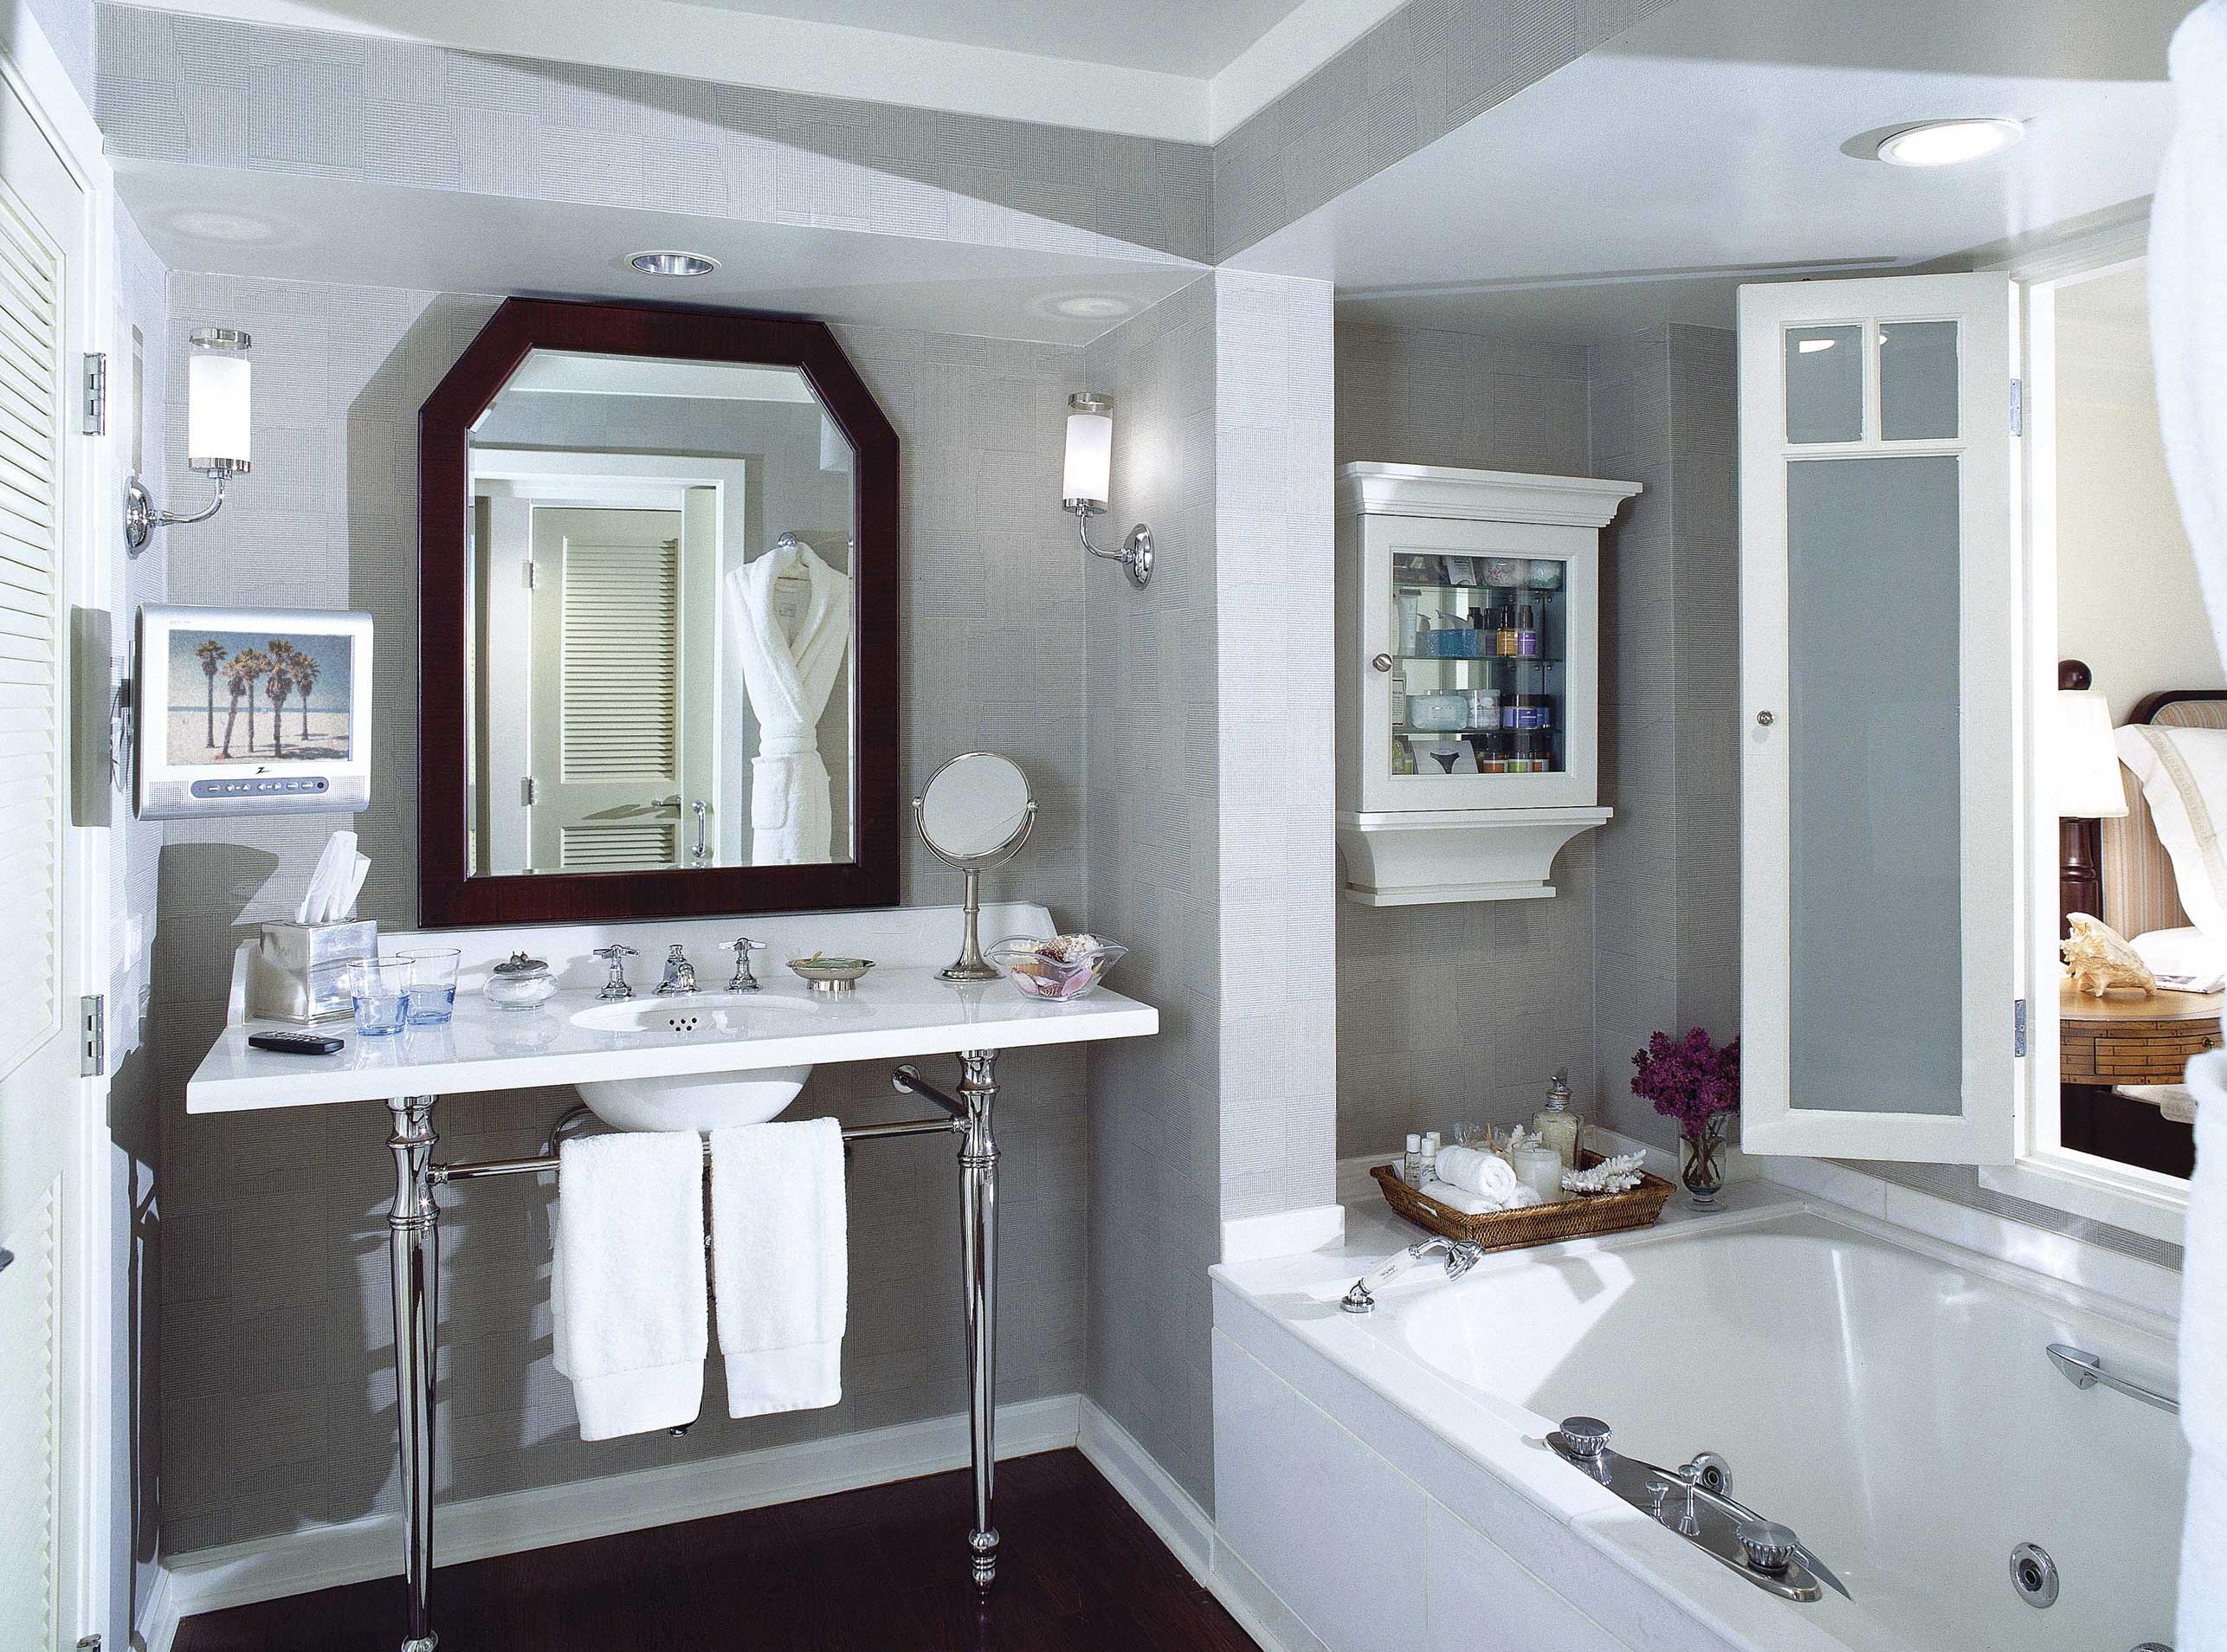 2013-08-27-shutters_guestroom_bathroom.jpg